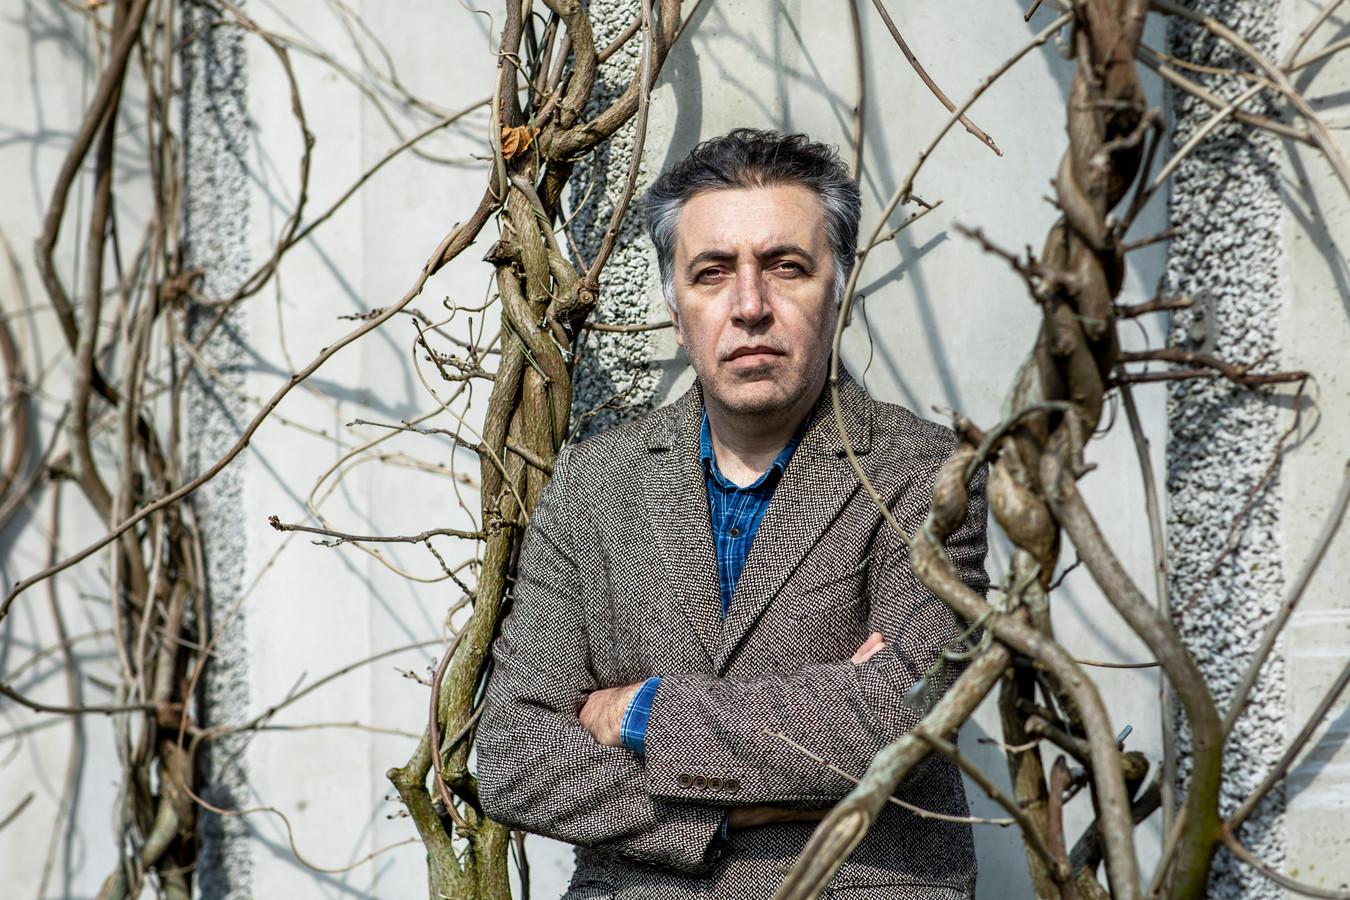 Schrijver Erdal Balci beschrijft in zijn autobiografische roman De gevangenisjaren de beklemming van de Turks-Nederlandse gemeenschap.